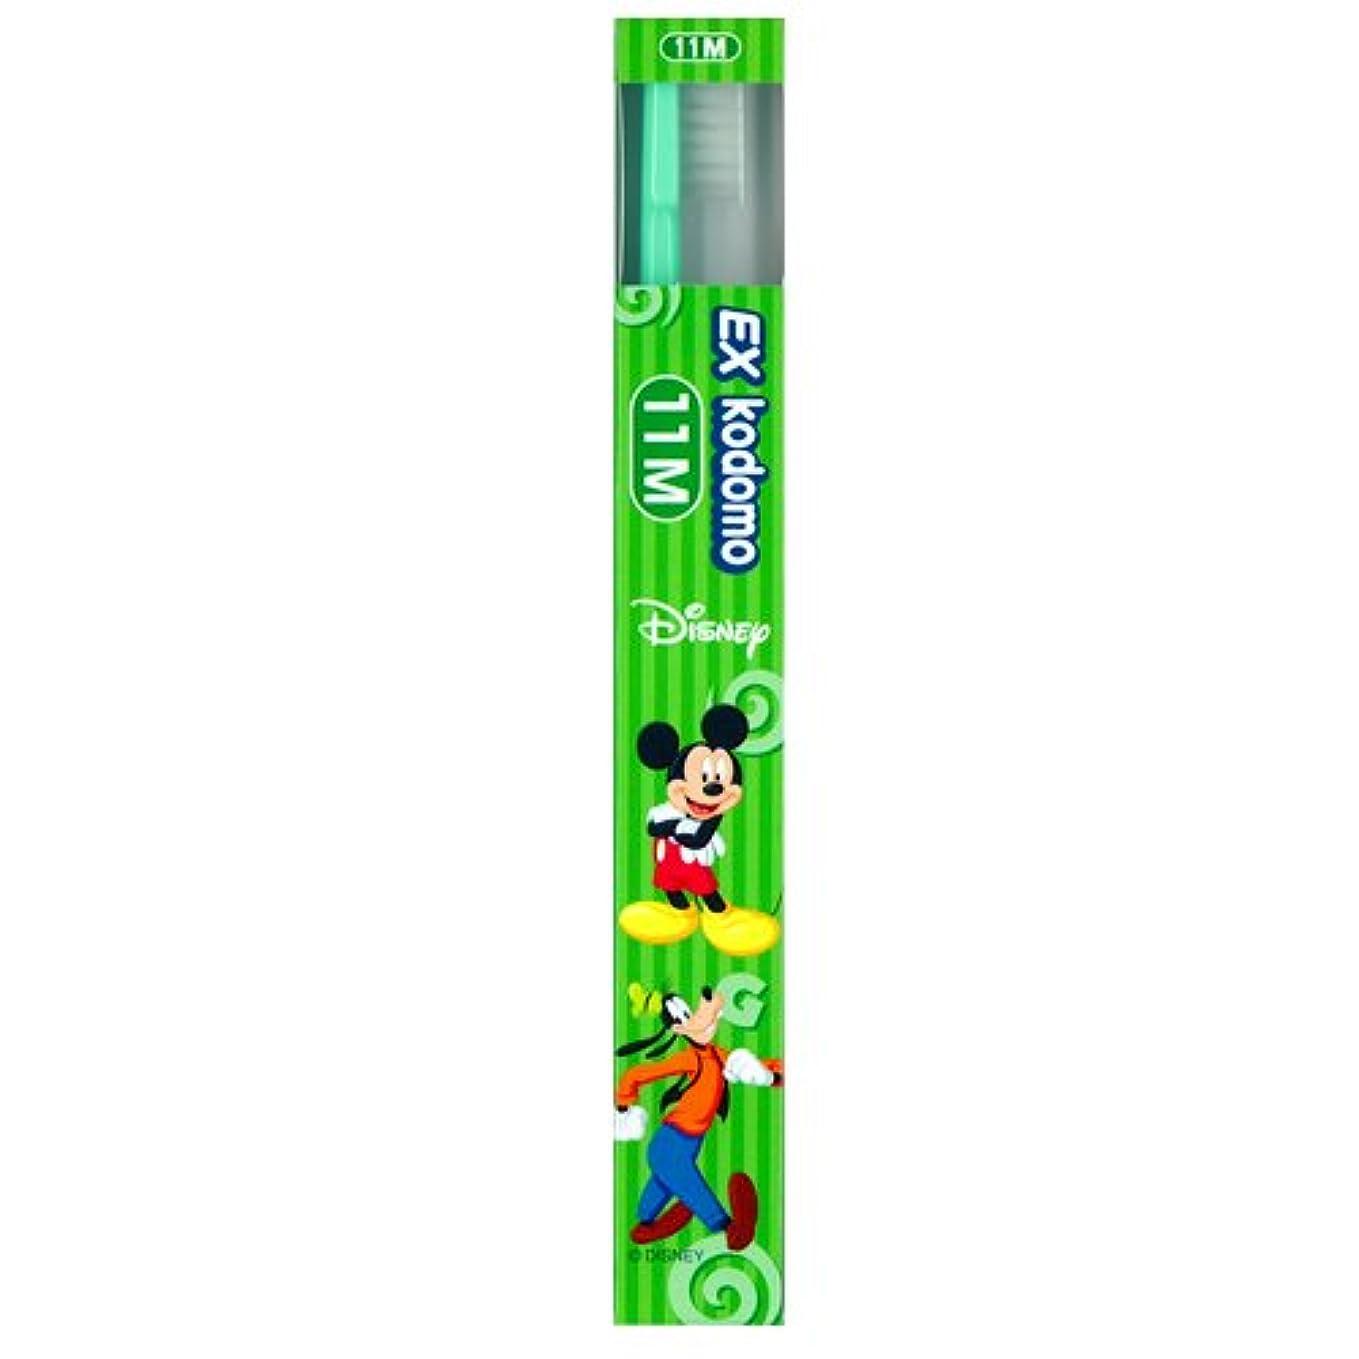 ライオン EX kodomo ディズニー 歯ブラシ 1本 11M グリーン